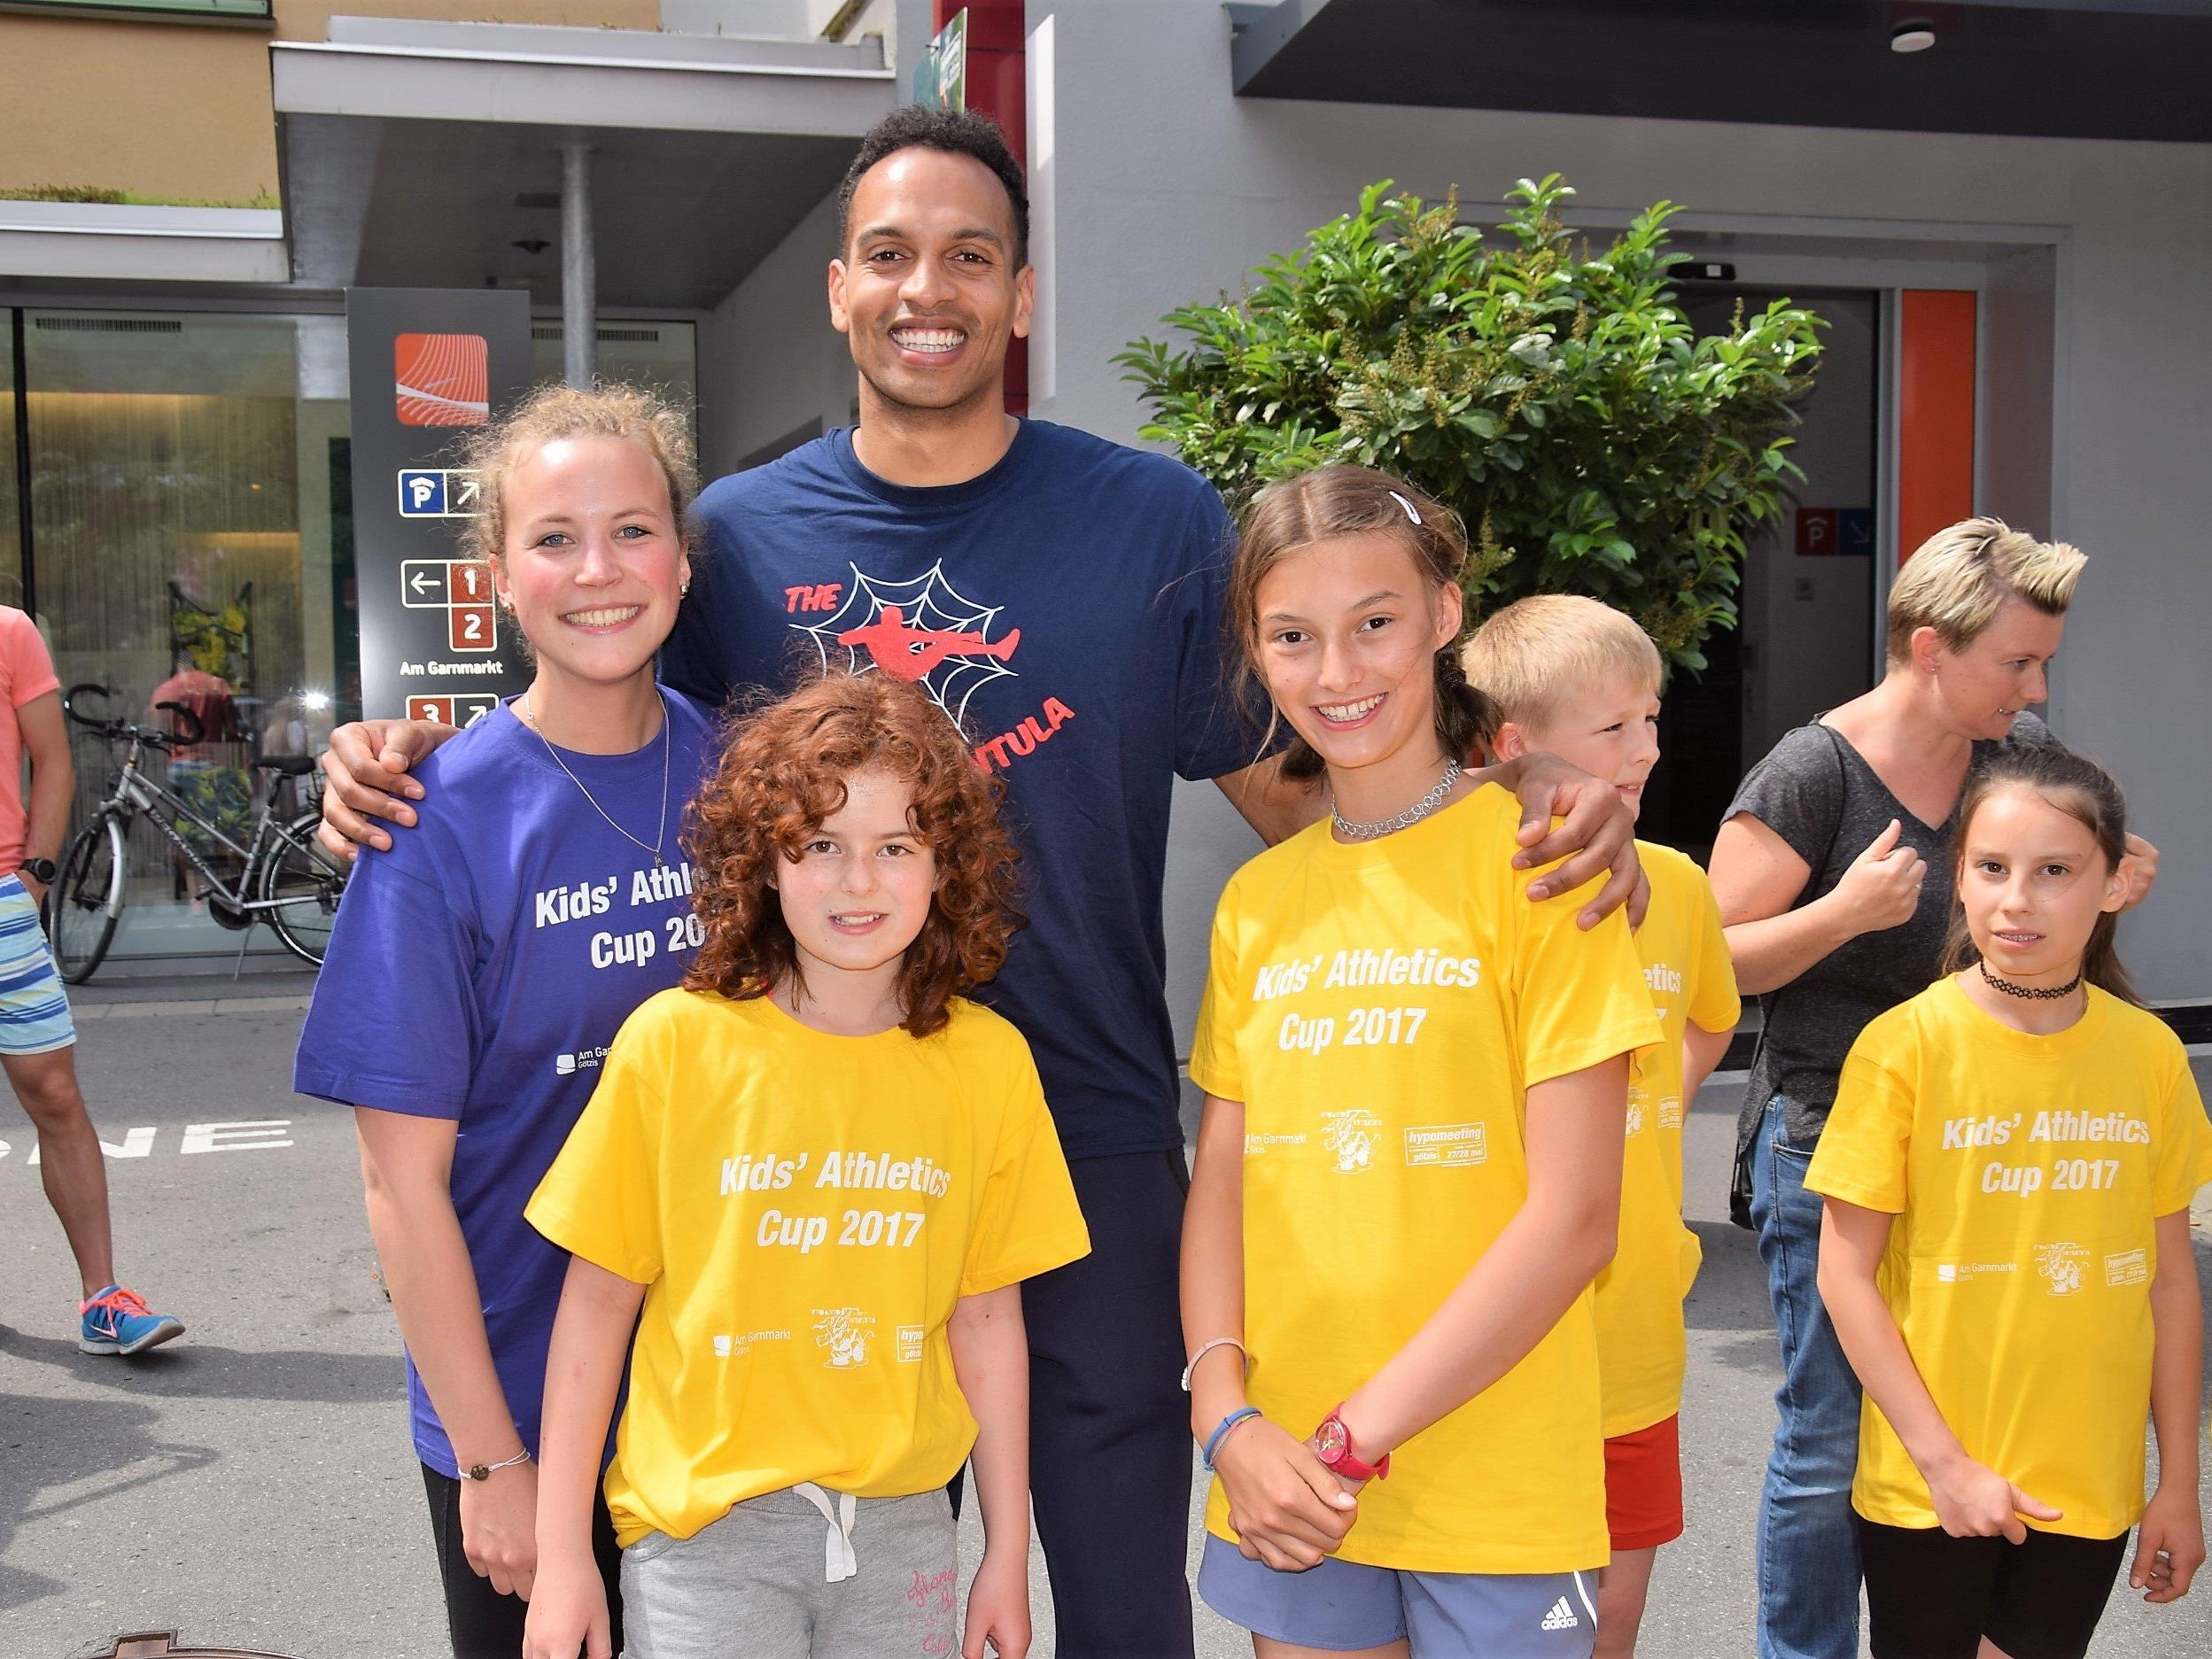 Die Hypo Meeting Athleten waren zum Greifen nah beim Kids Athletics Cup am Garnmarkt